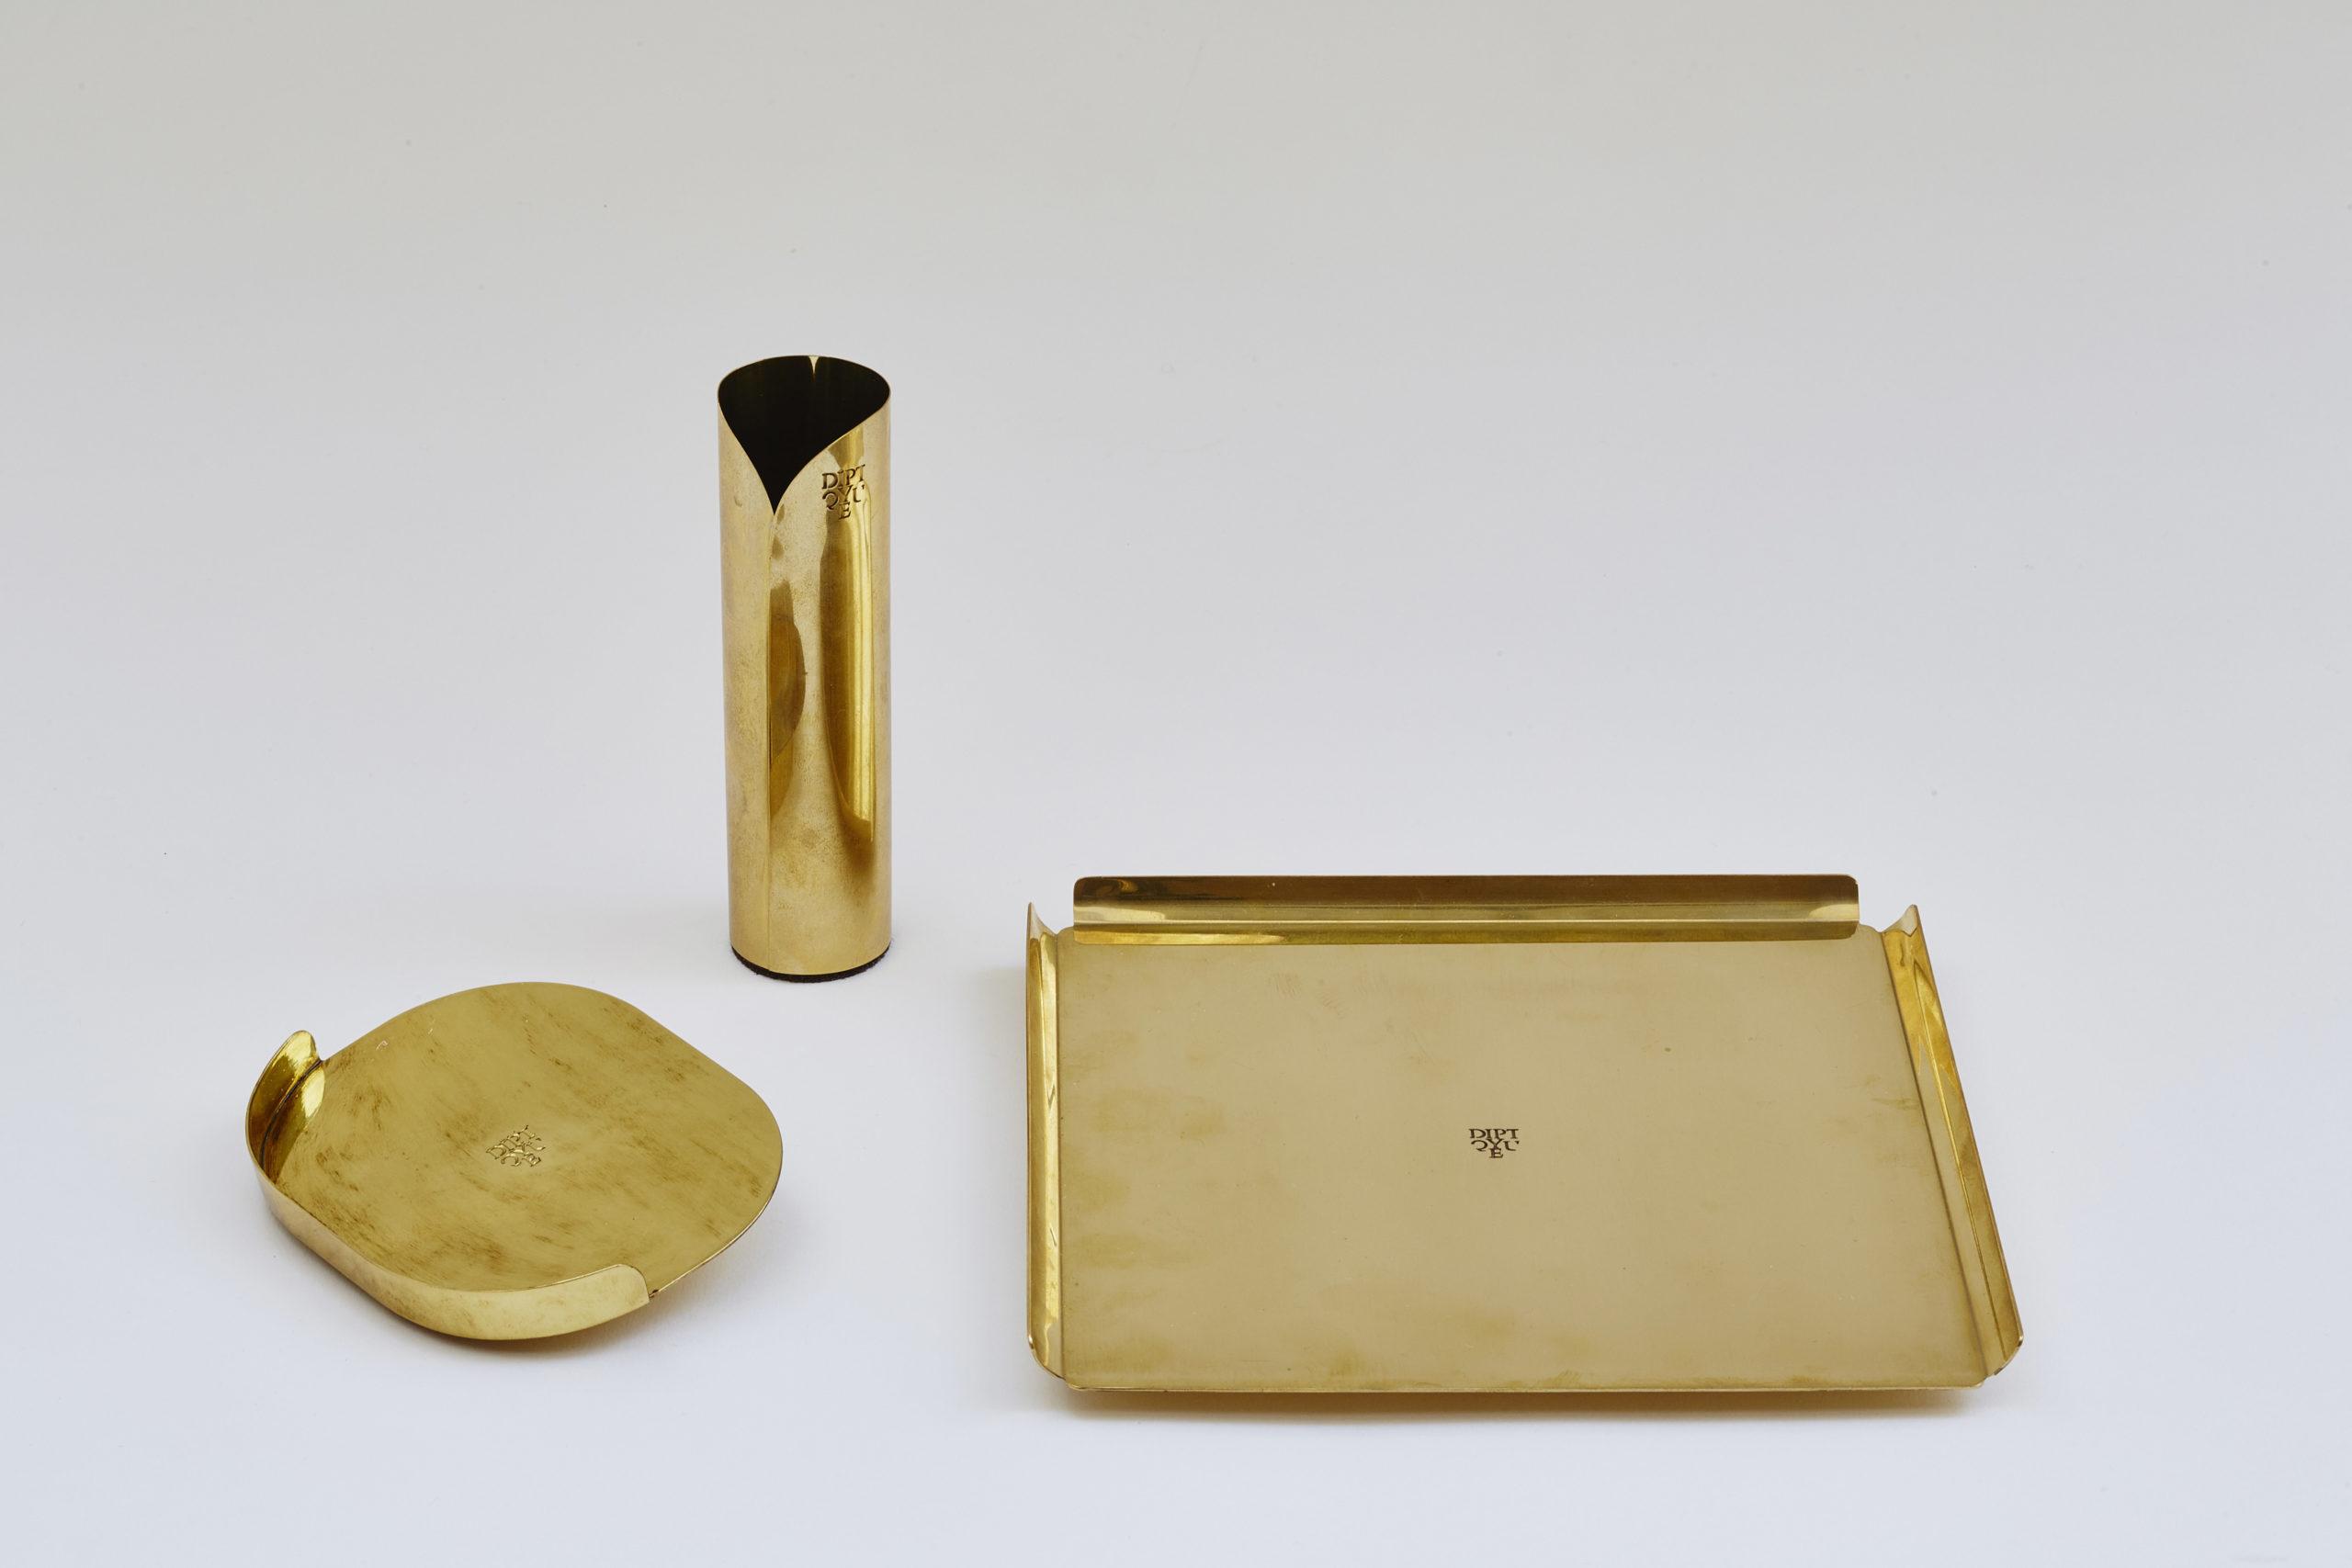 Diptyque Tools Lisa Allegra